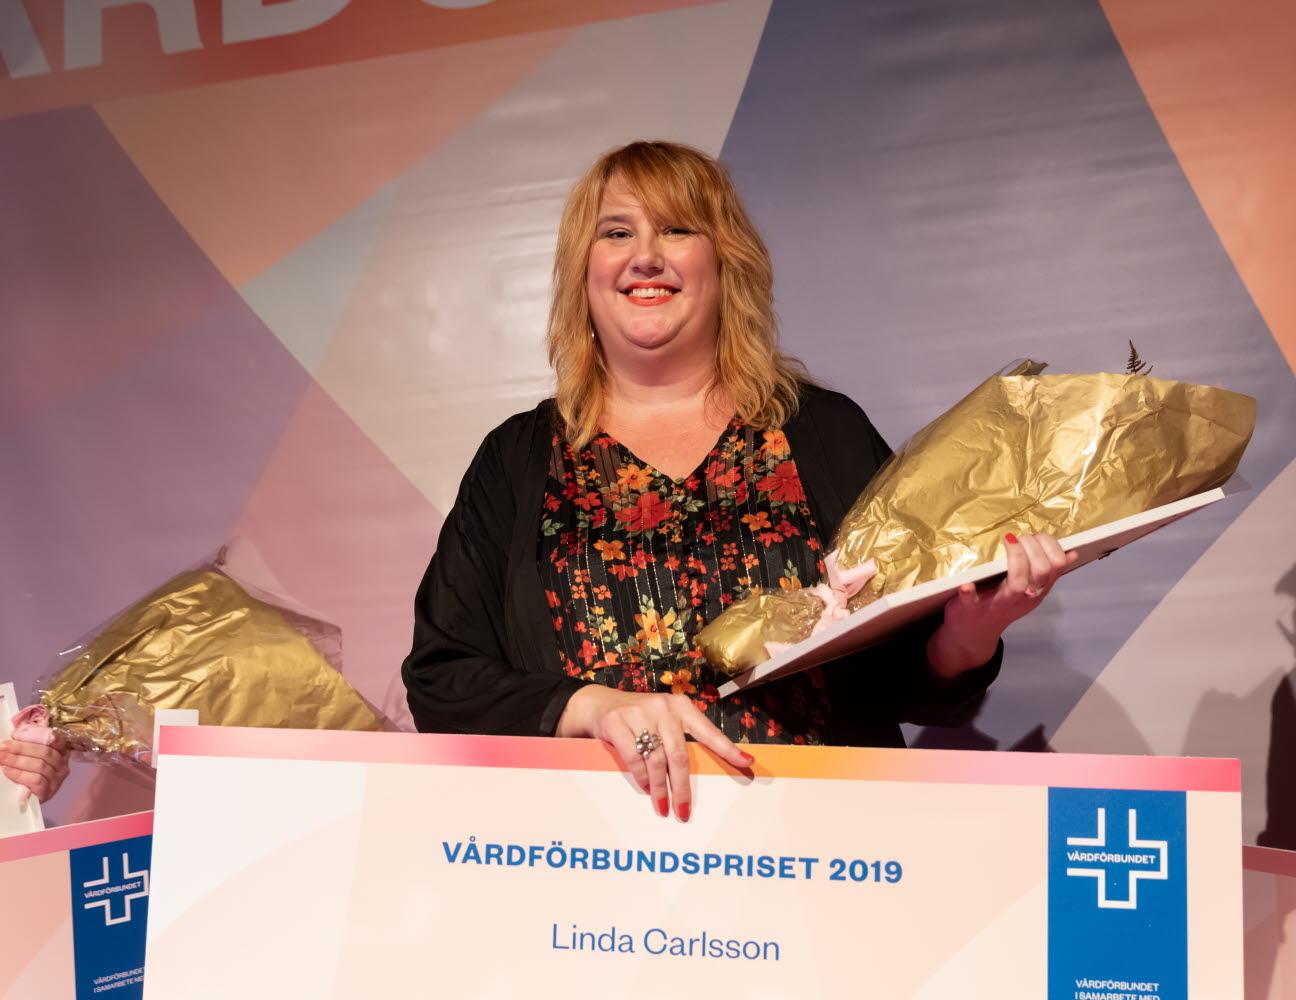 Förstaprisvinnare Vårdförbundspriset 2019. Vårdgalan 2019